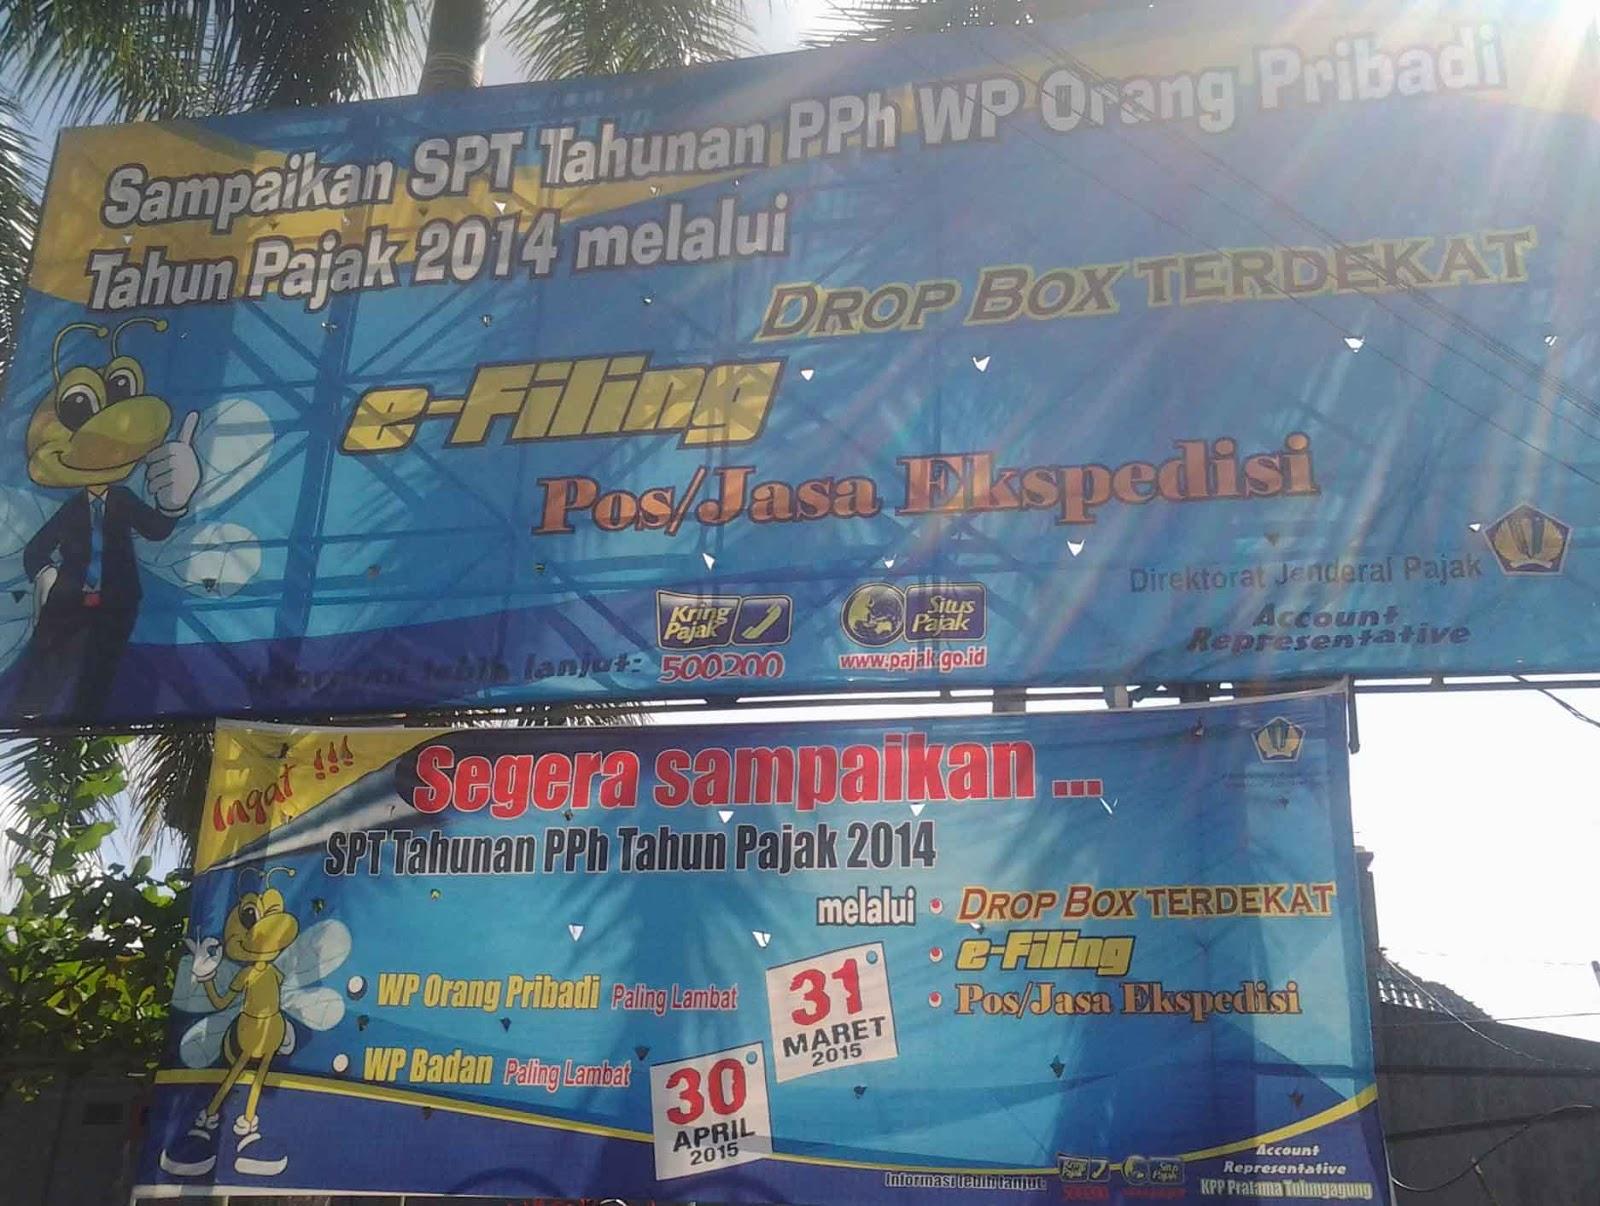 Poster Informasi Penyampaian Laporan SPT Taunan Wajib Pajak